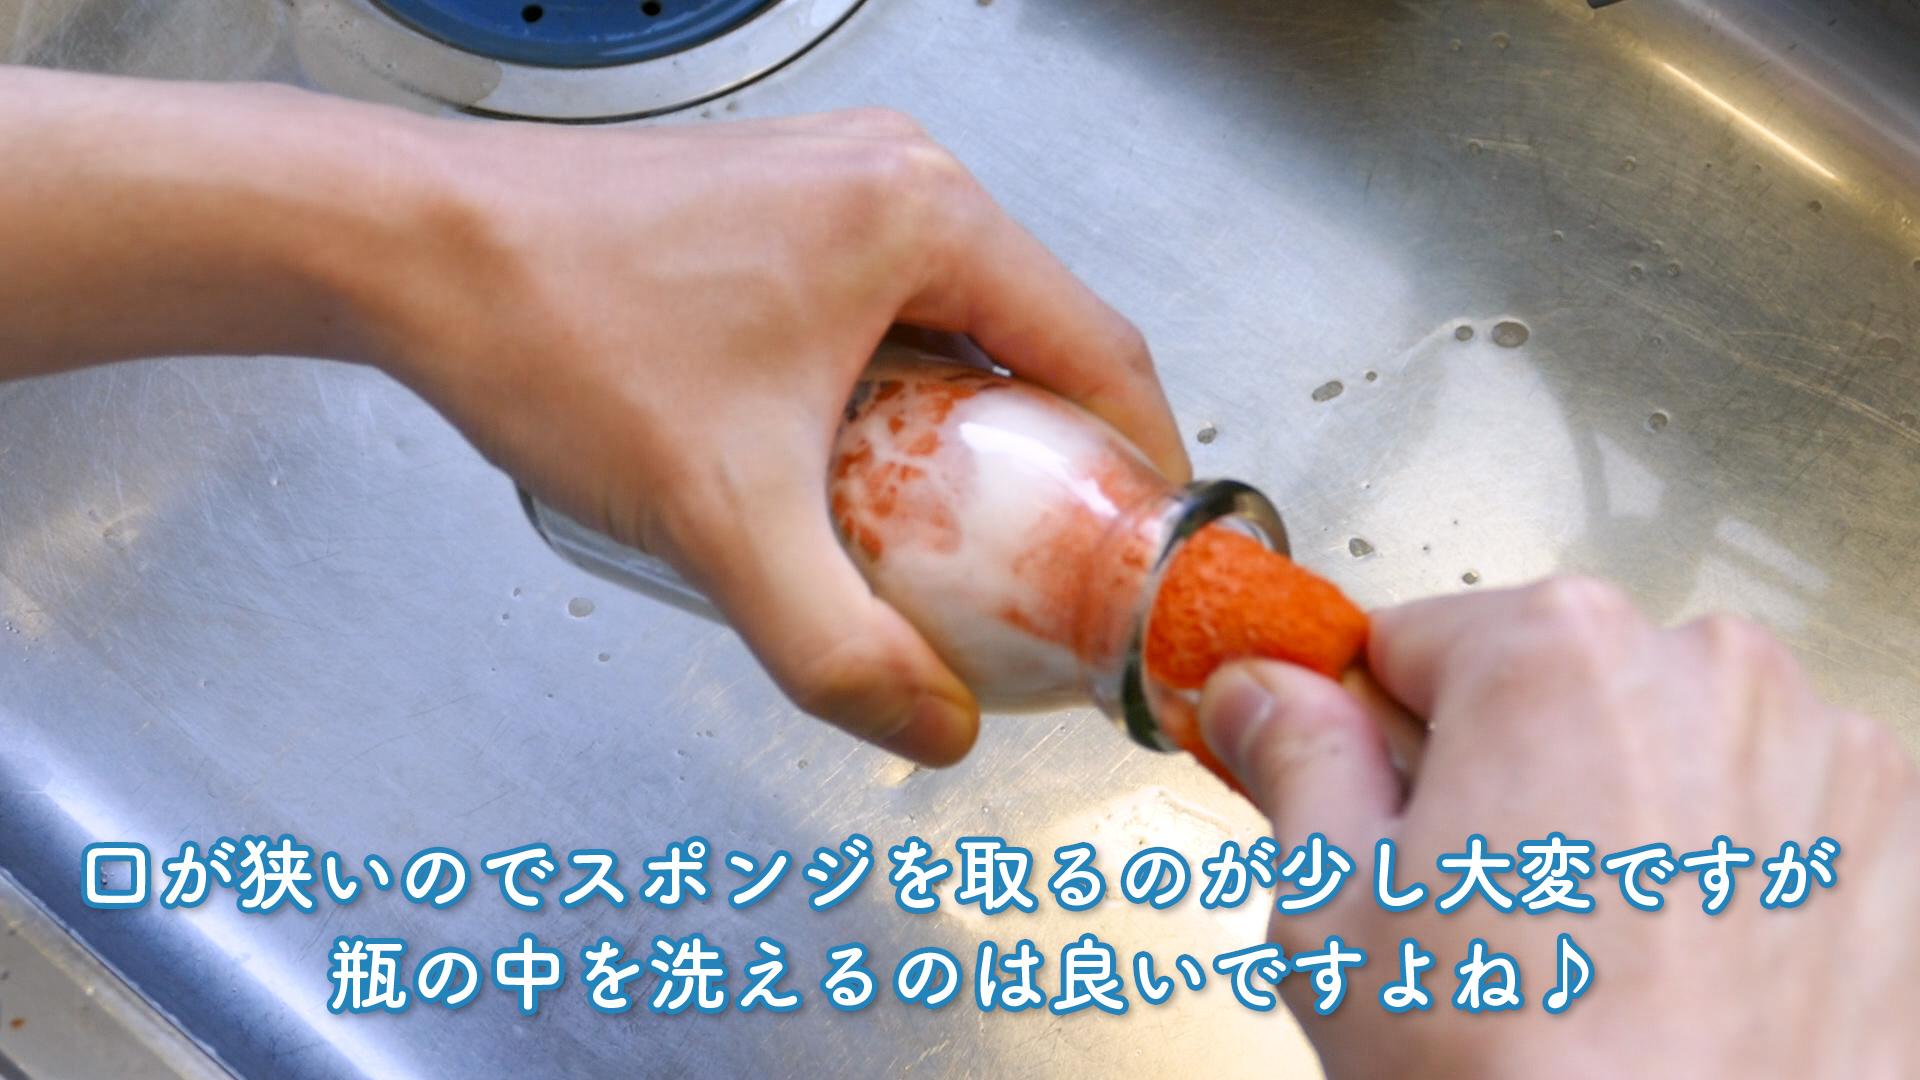 洗い方の解説